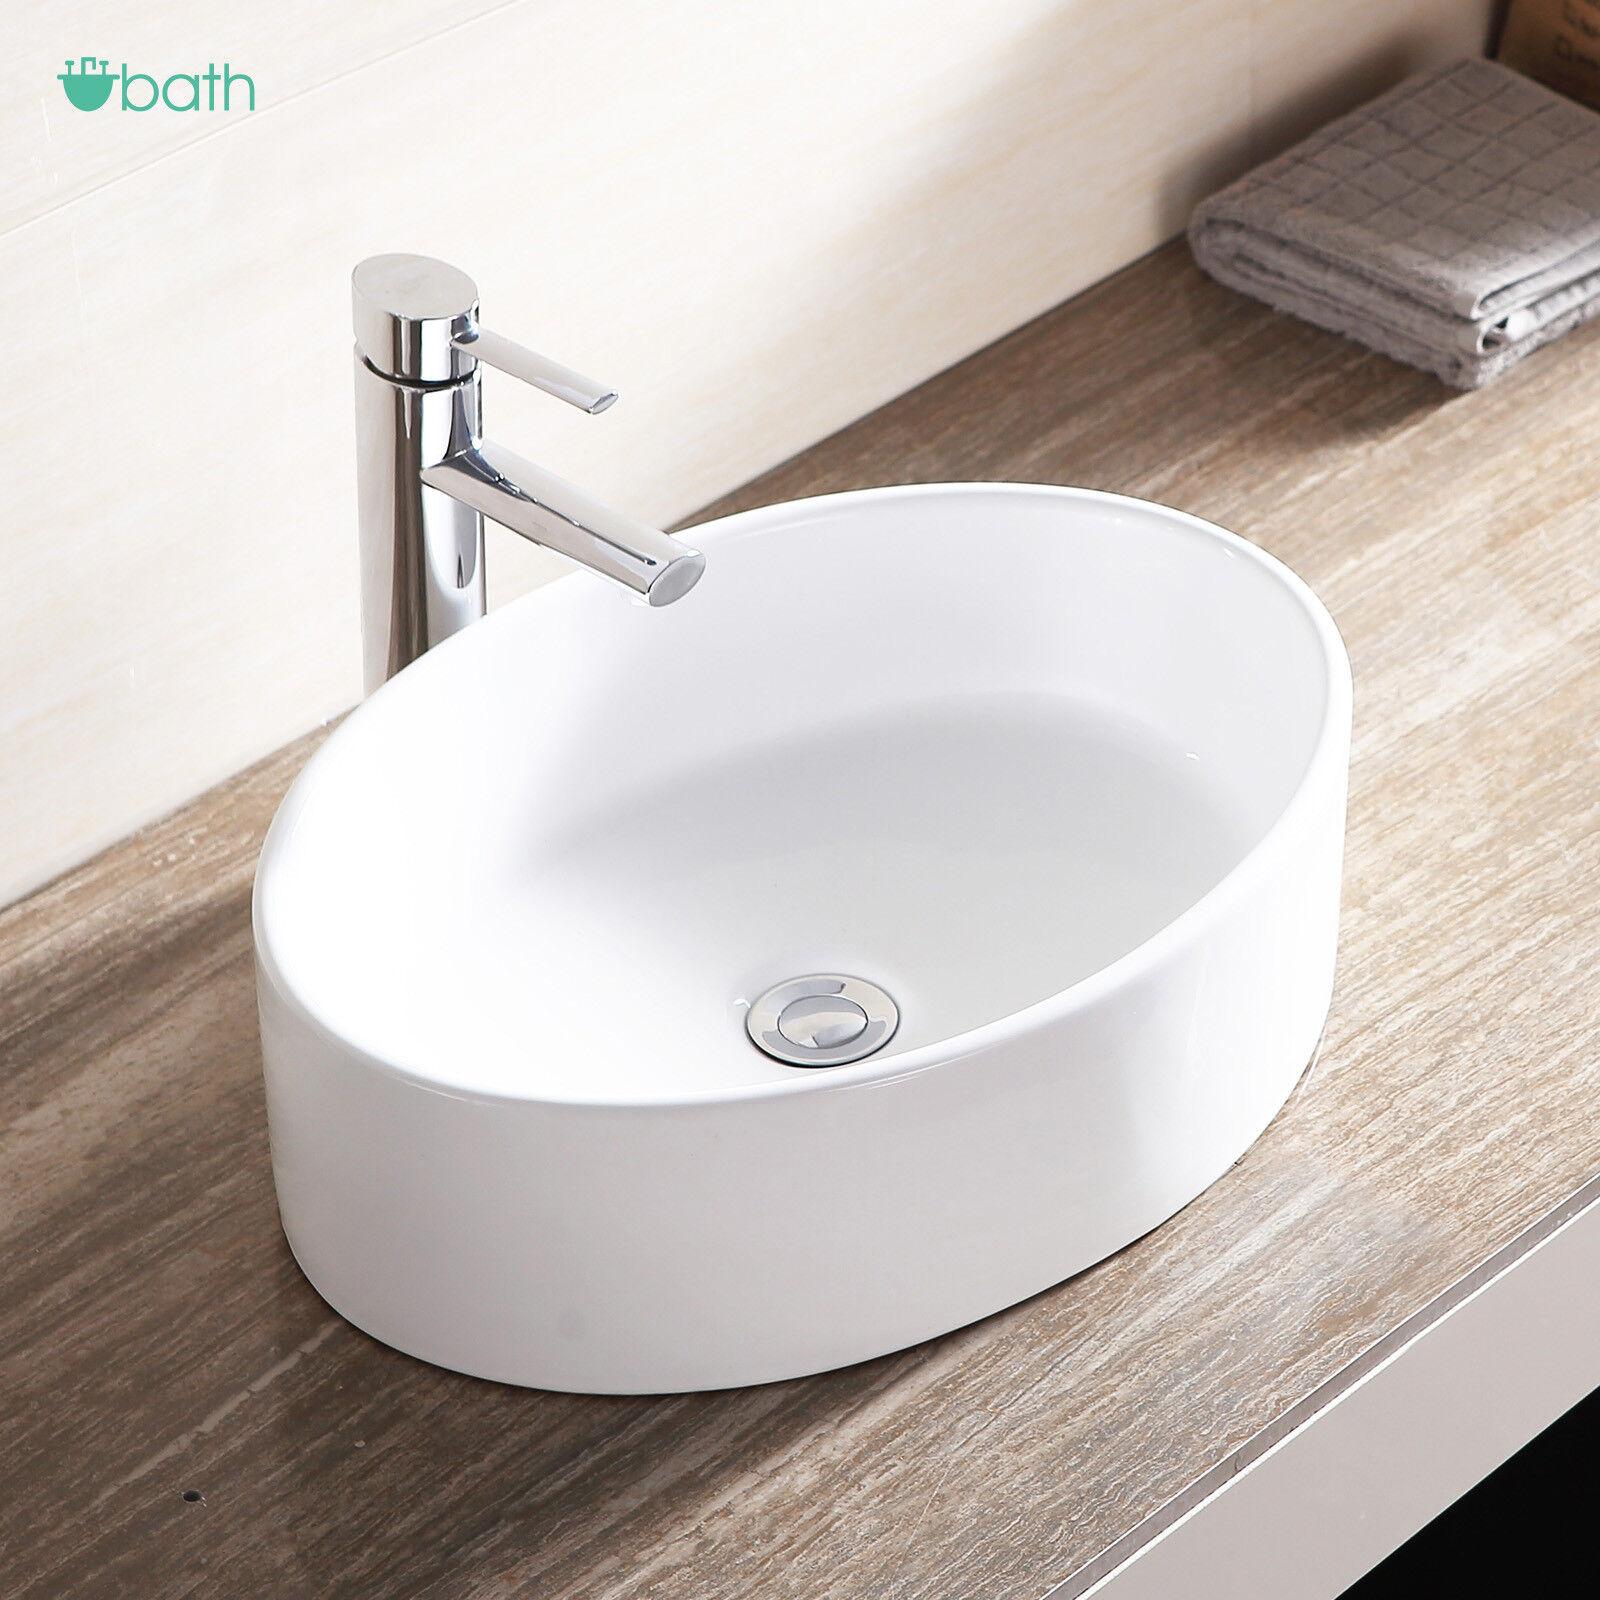 white porcelain kitchen sink glass tiles for backsplashes ceramic oval bathroom vessel bowl